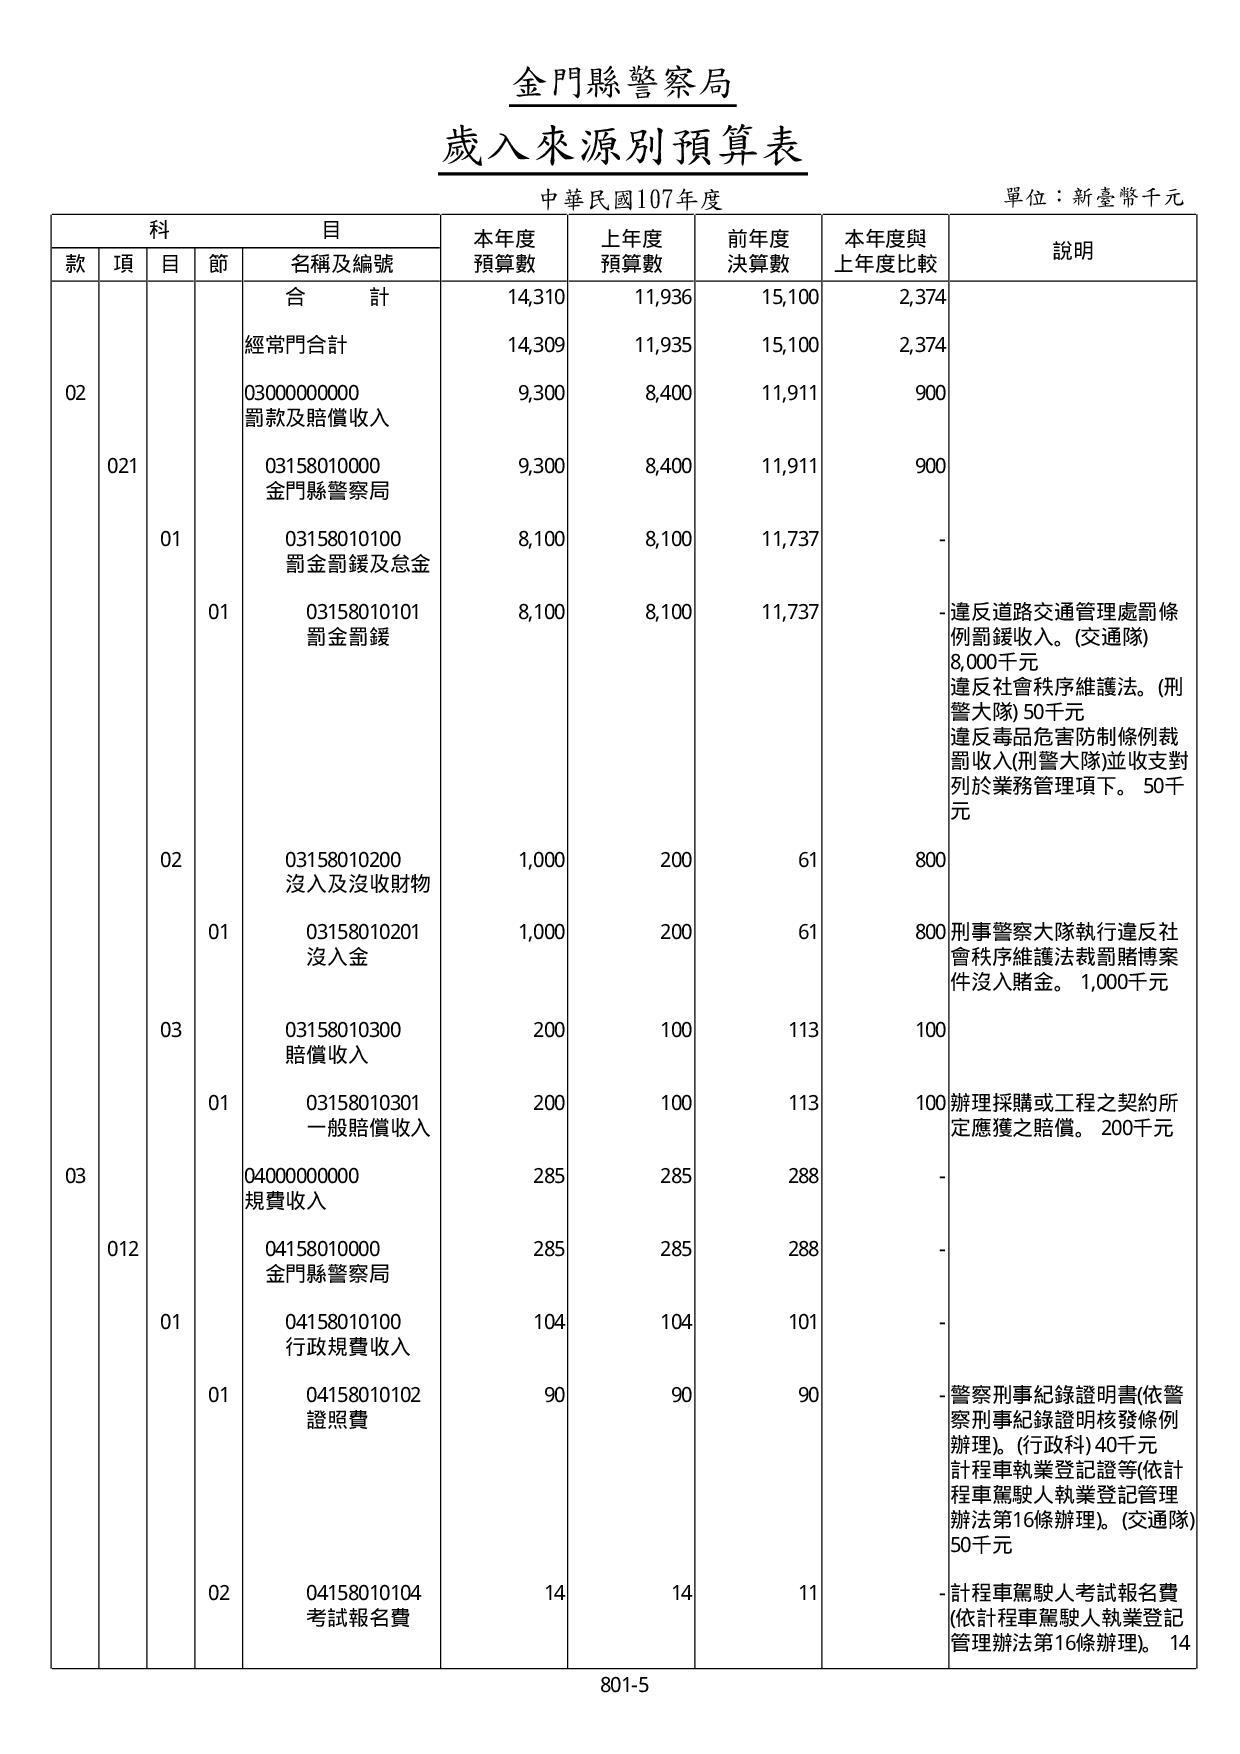 107年度歲入來源別預算表